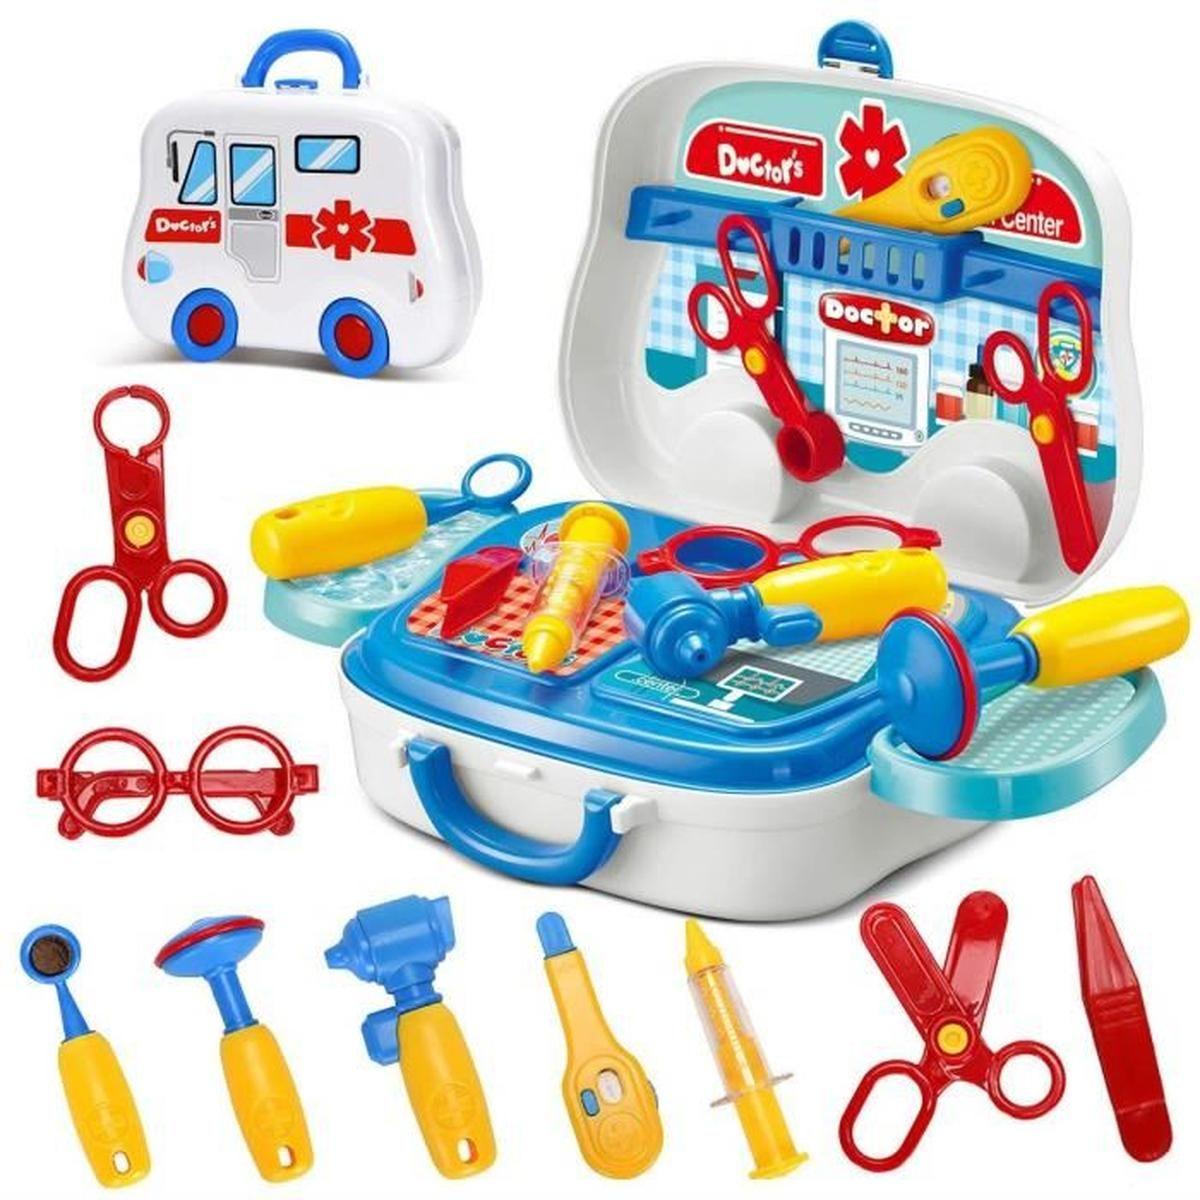 1Pcs Malette De Docteur Avec Accessoires Jeux D'imitation pour Jeux Pour Enfant De 3 Ans